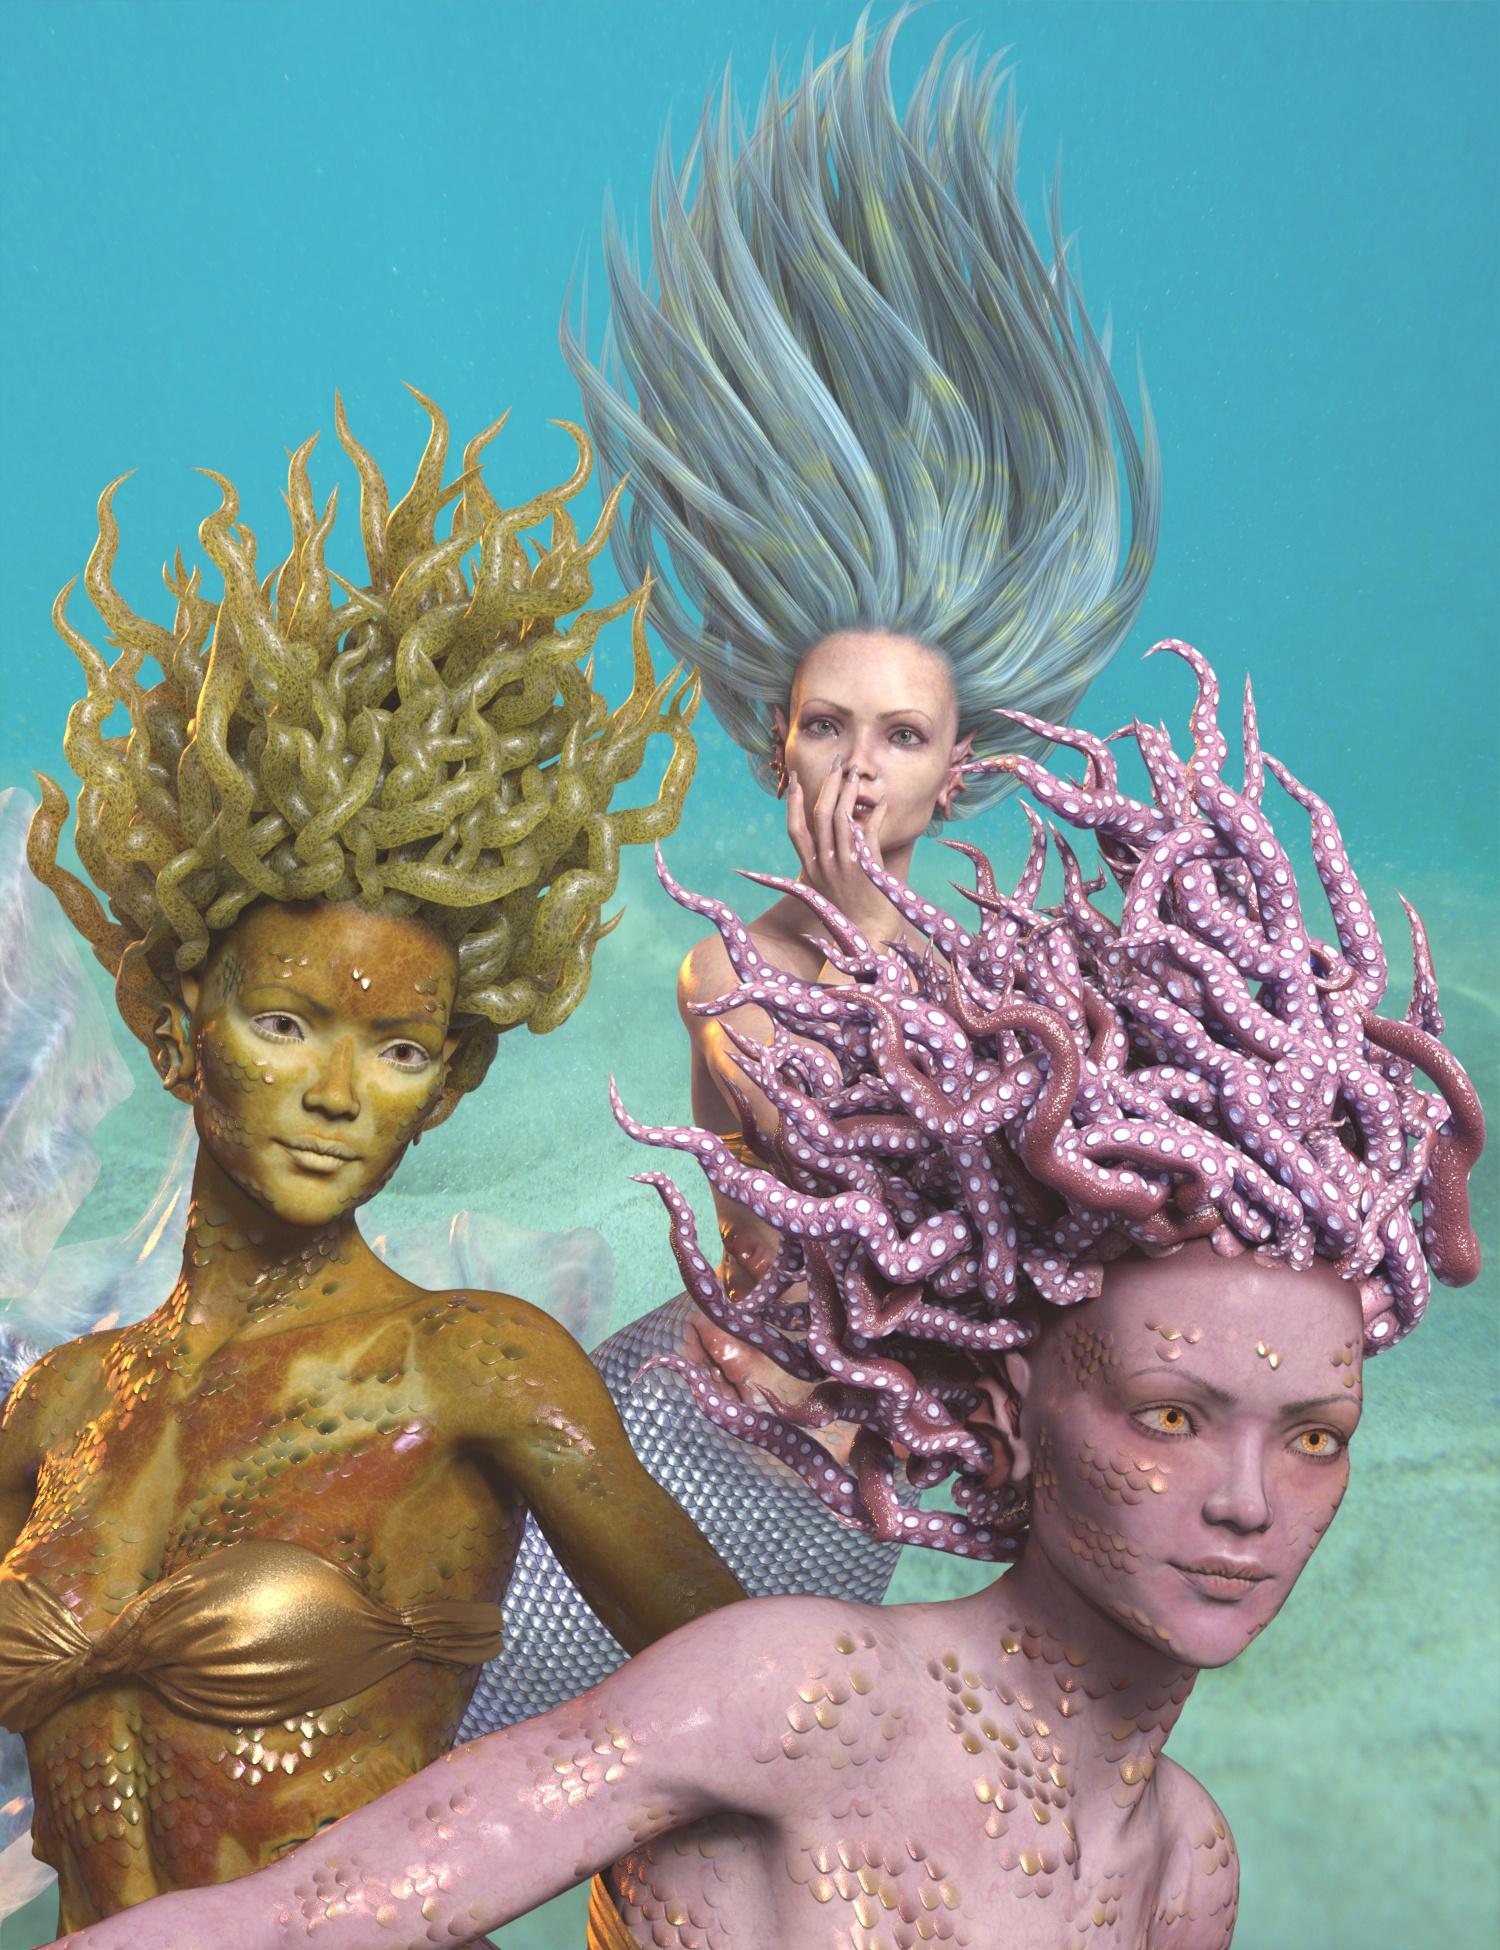 dForce Marina Mermaid Hair for Genesis 8 Females by: 3D-GHDesignAe Ti, 3D Models by Daz 3D